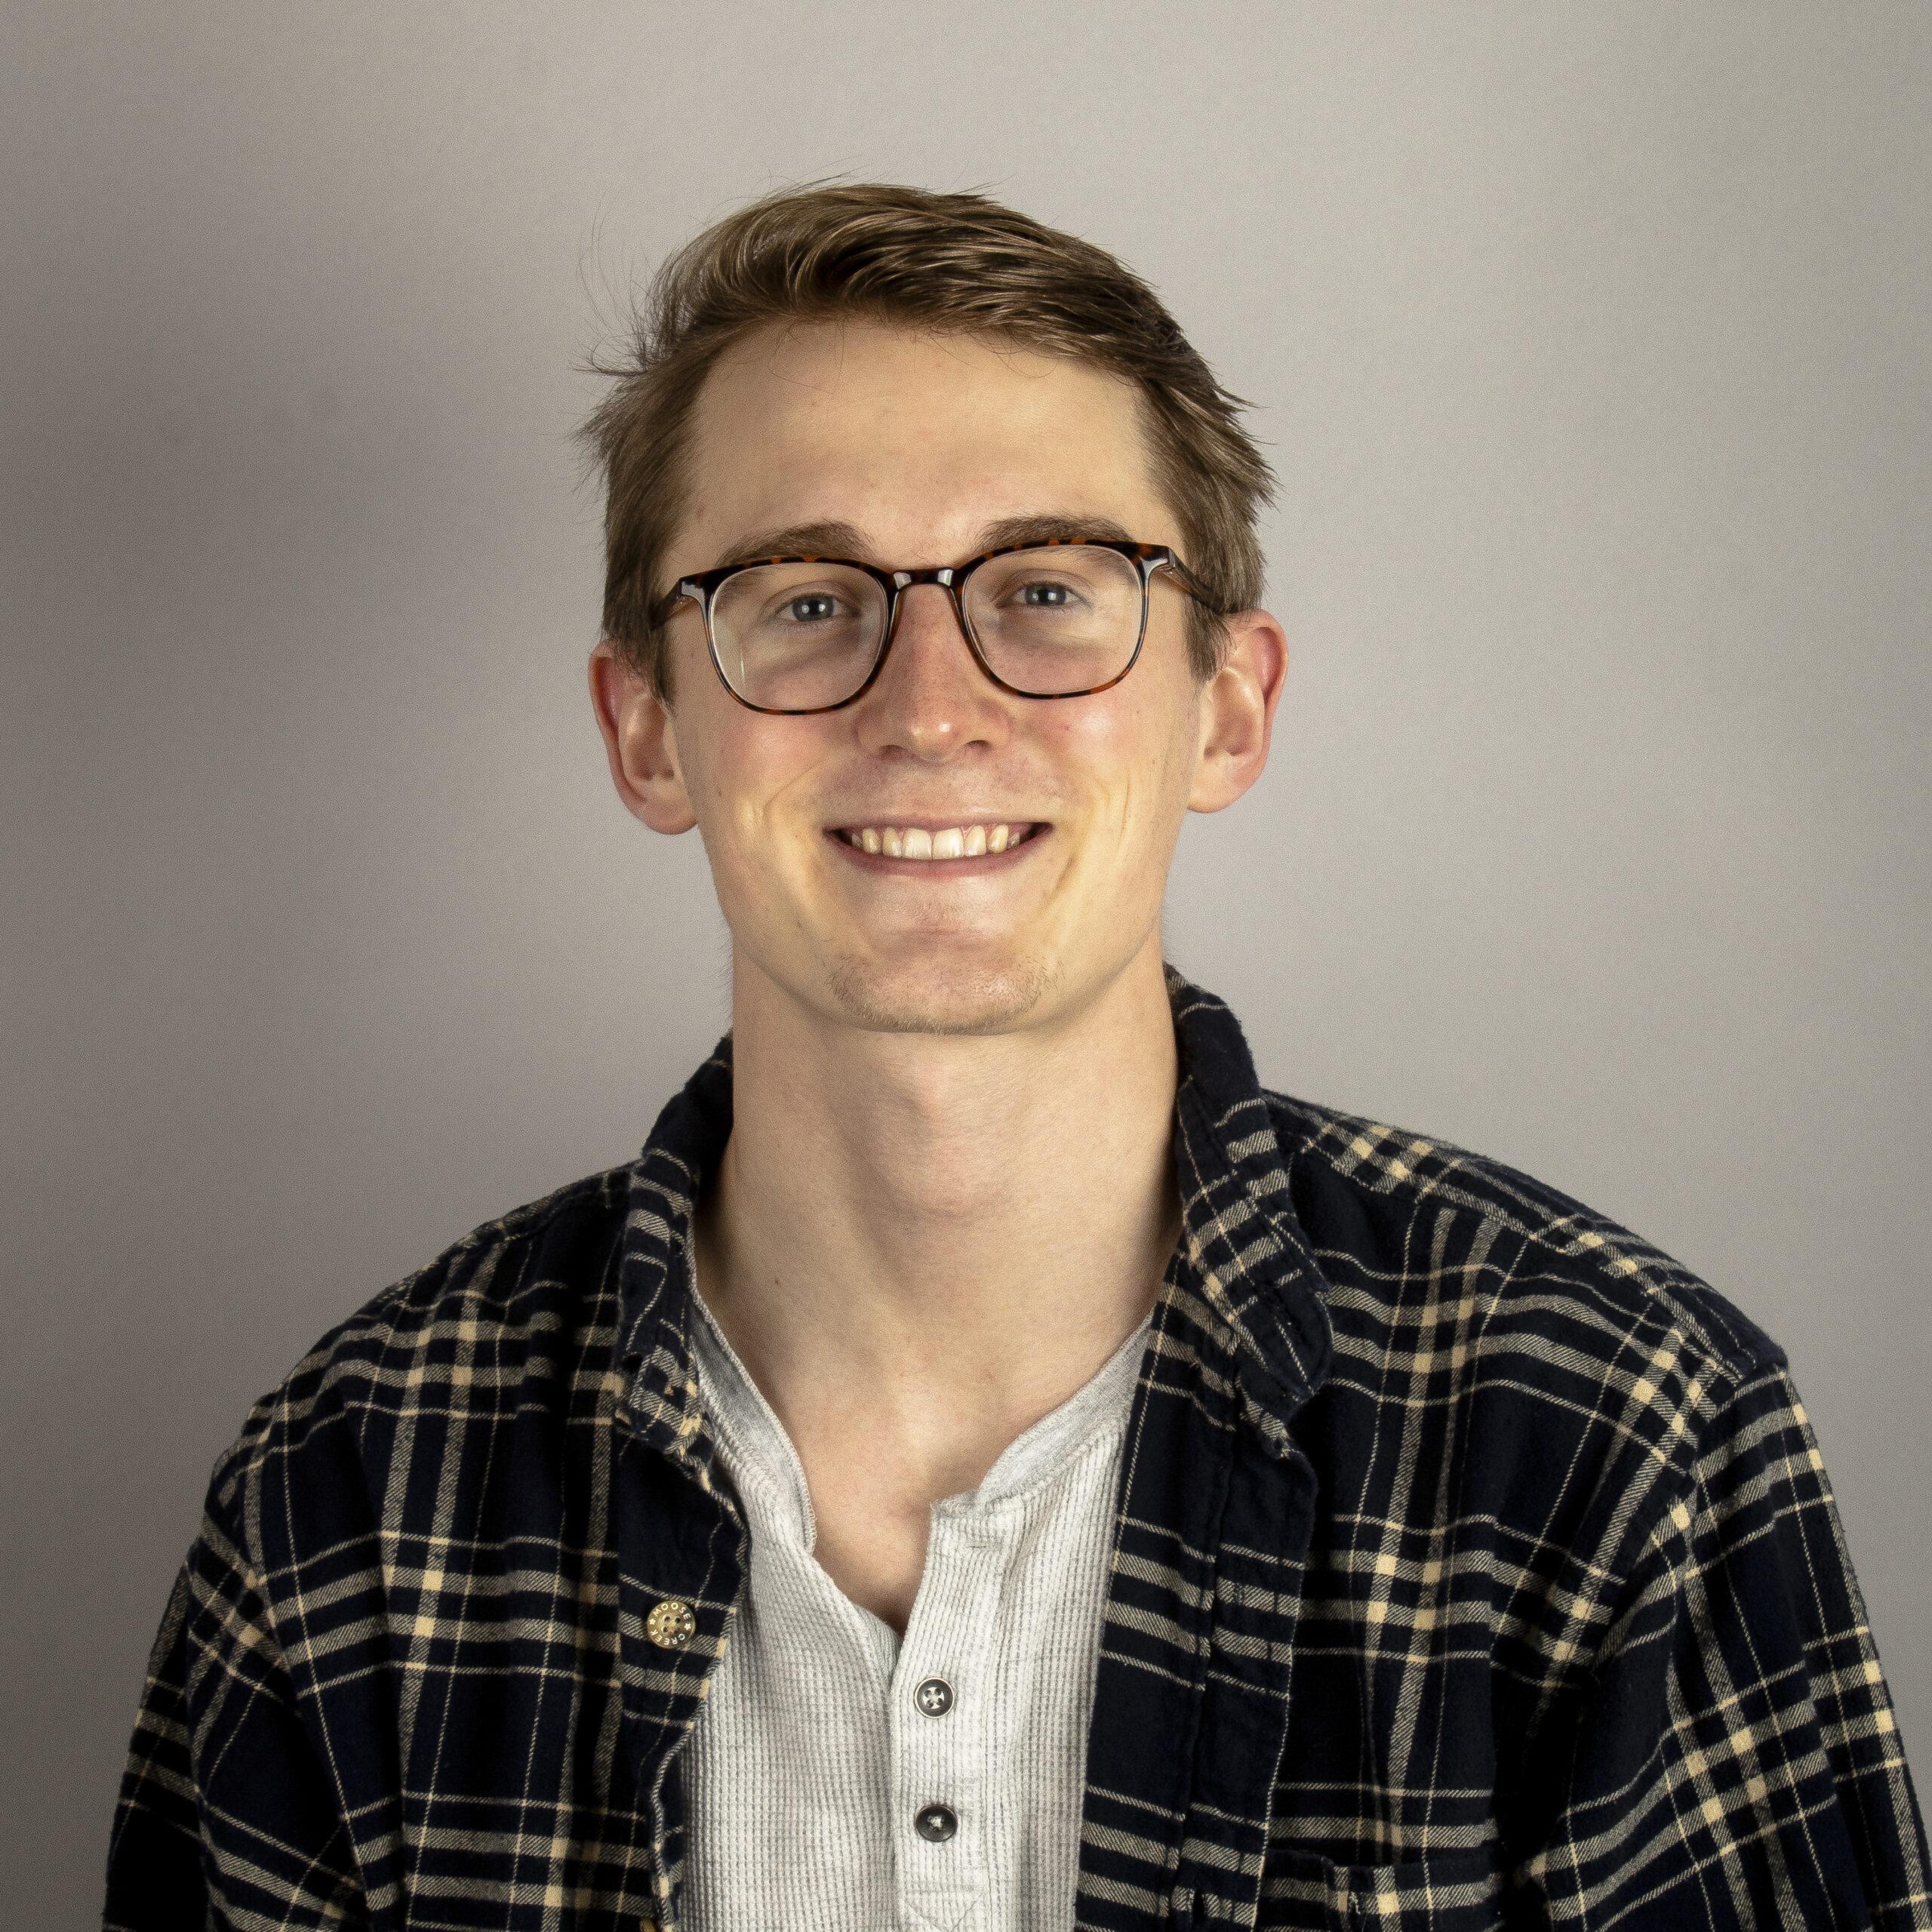 Portrait of Nick Yutzy